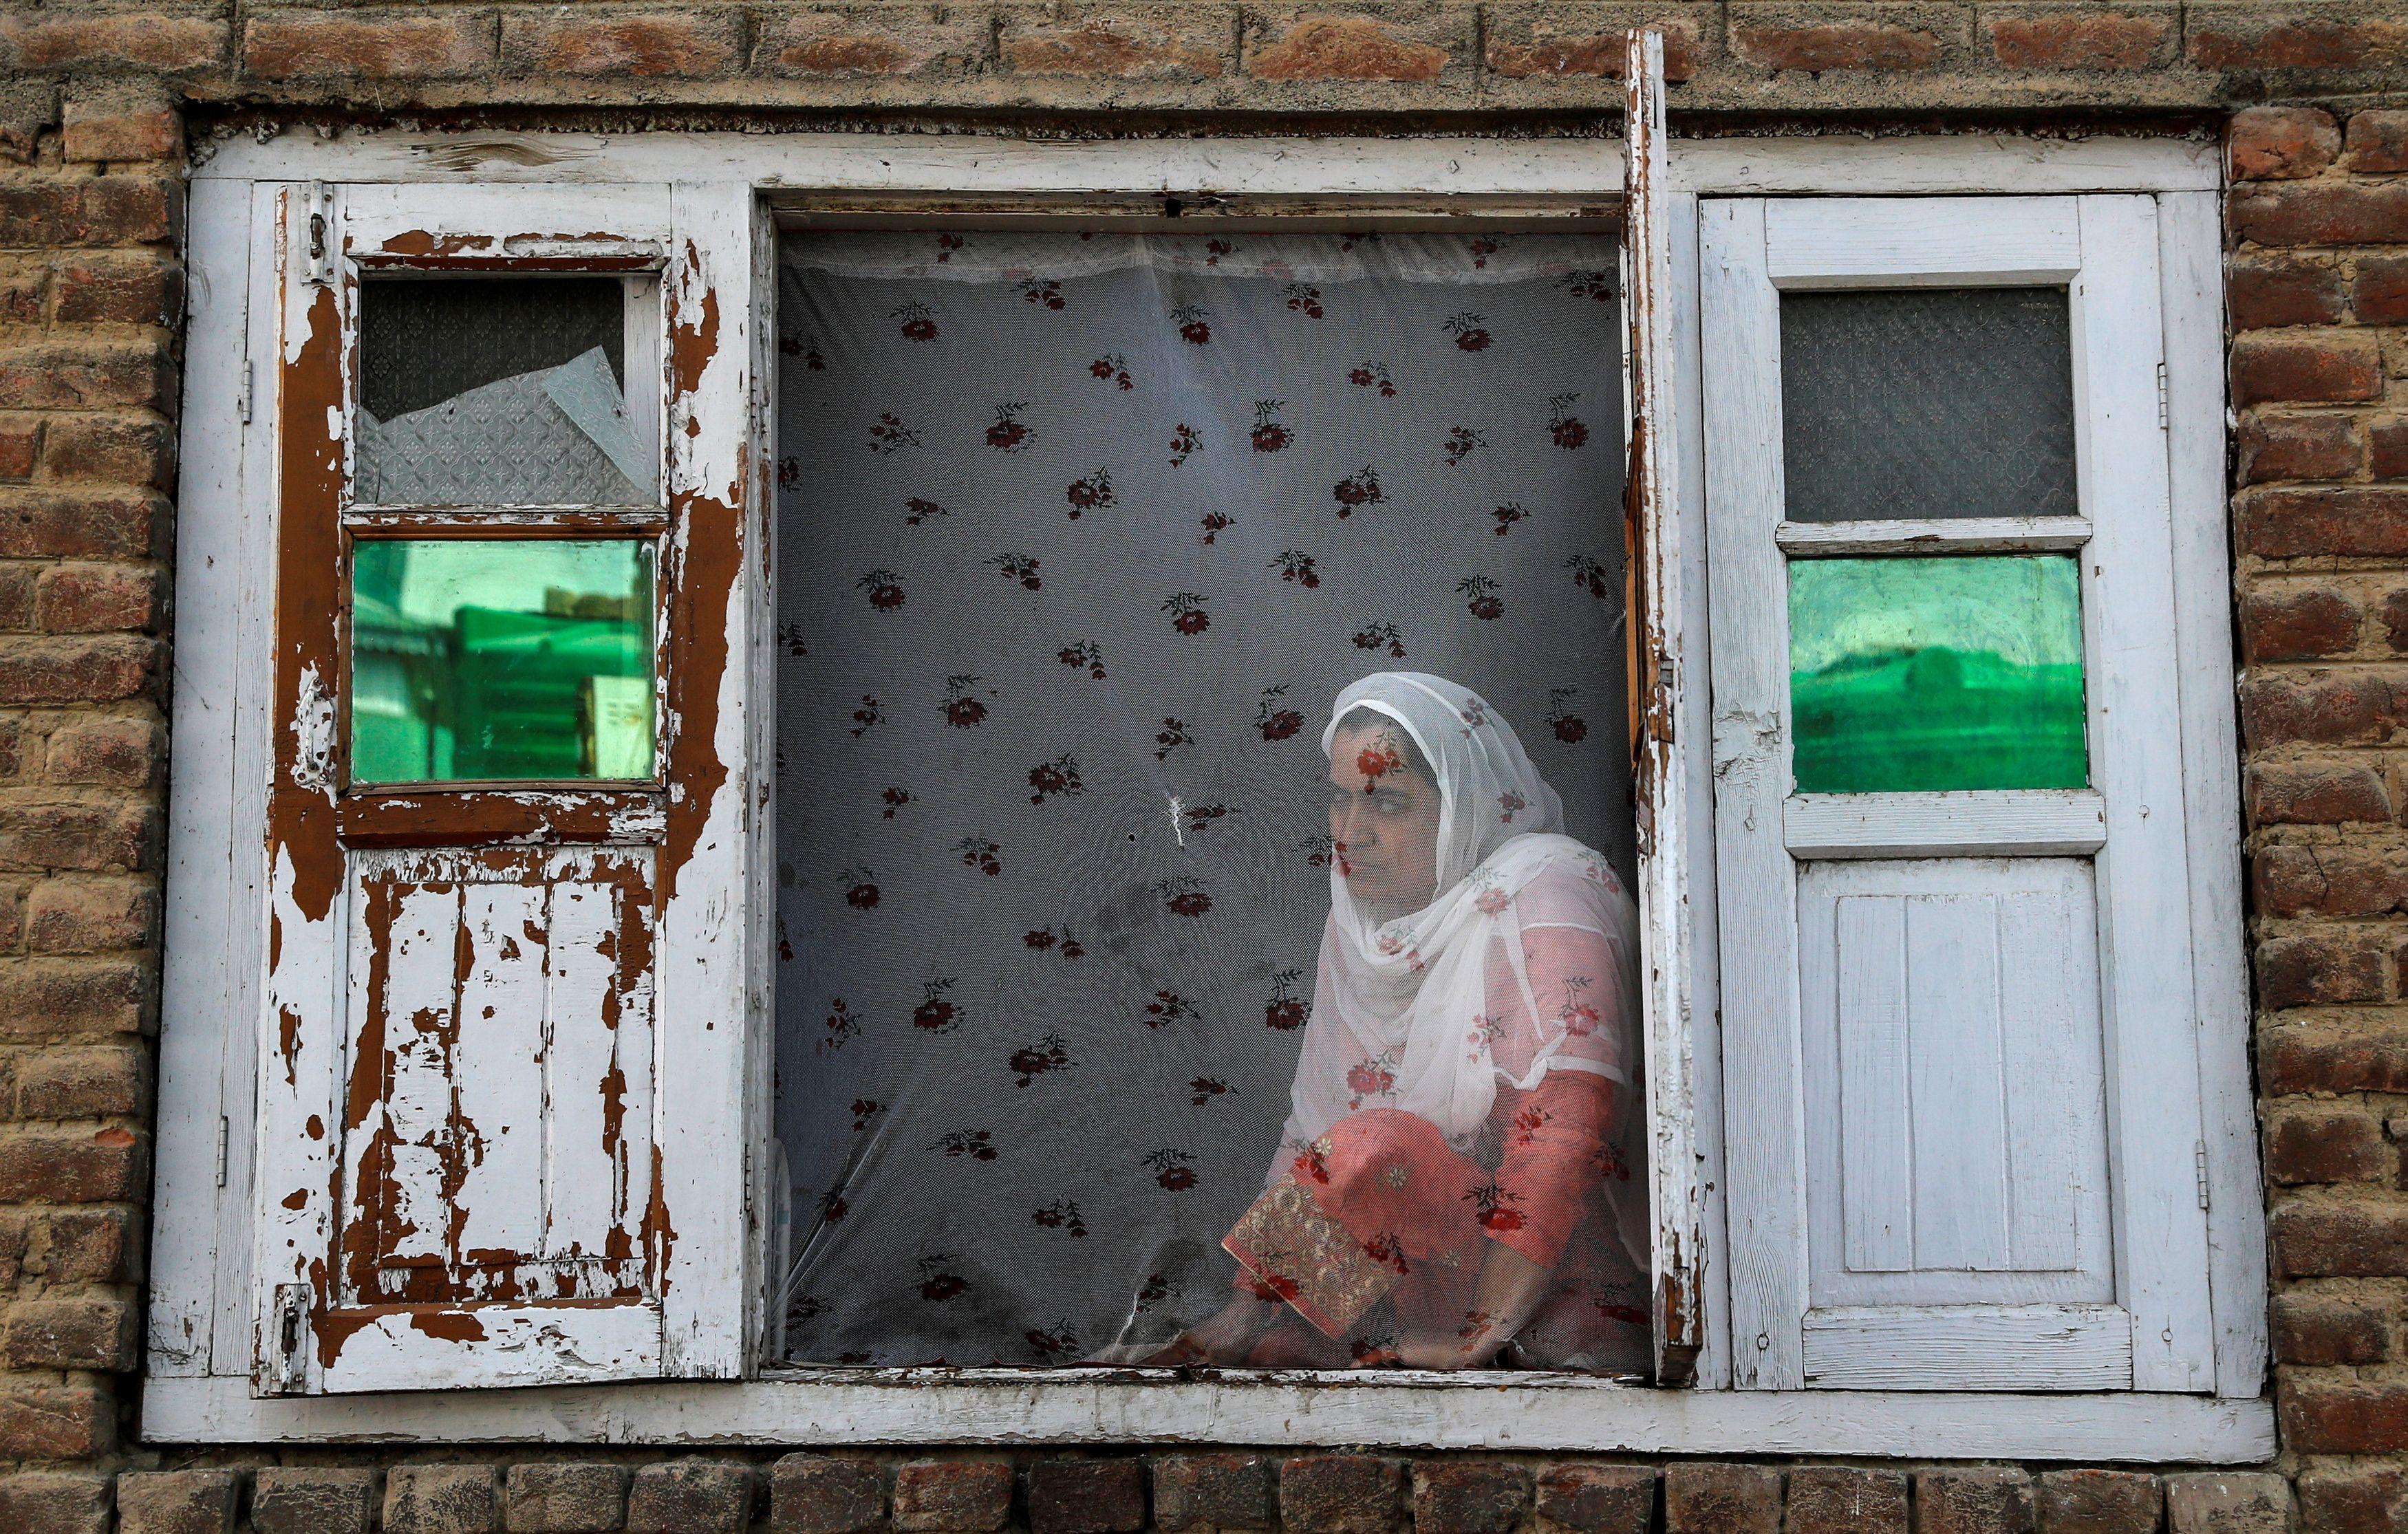 Una mujer de Cachemira observa las protestas en el barrio de Anchar después de las oraciones del viernes, durante las restricciones tras la eliminación del estatus constitucional especial para Cachemira por parte del gobierno indio, en Srinagar el 20 de septiembre de 2019.